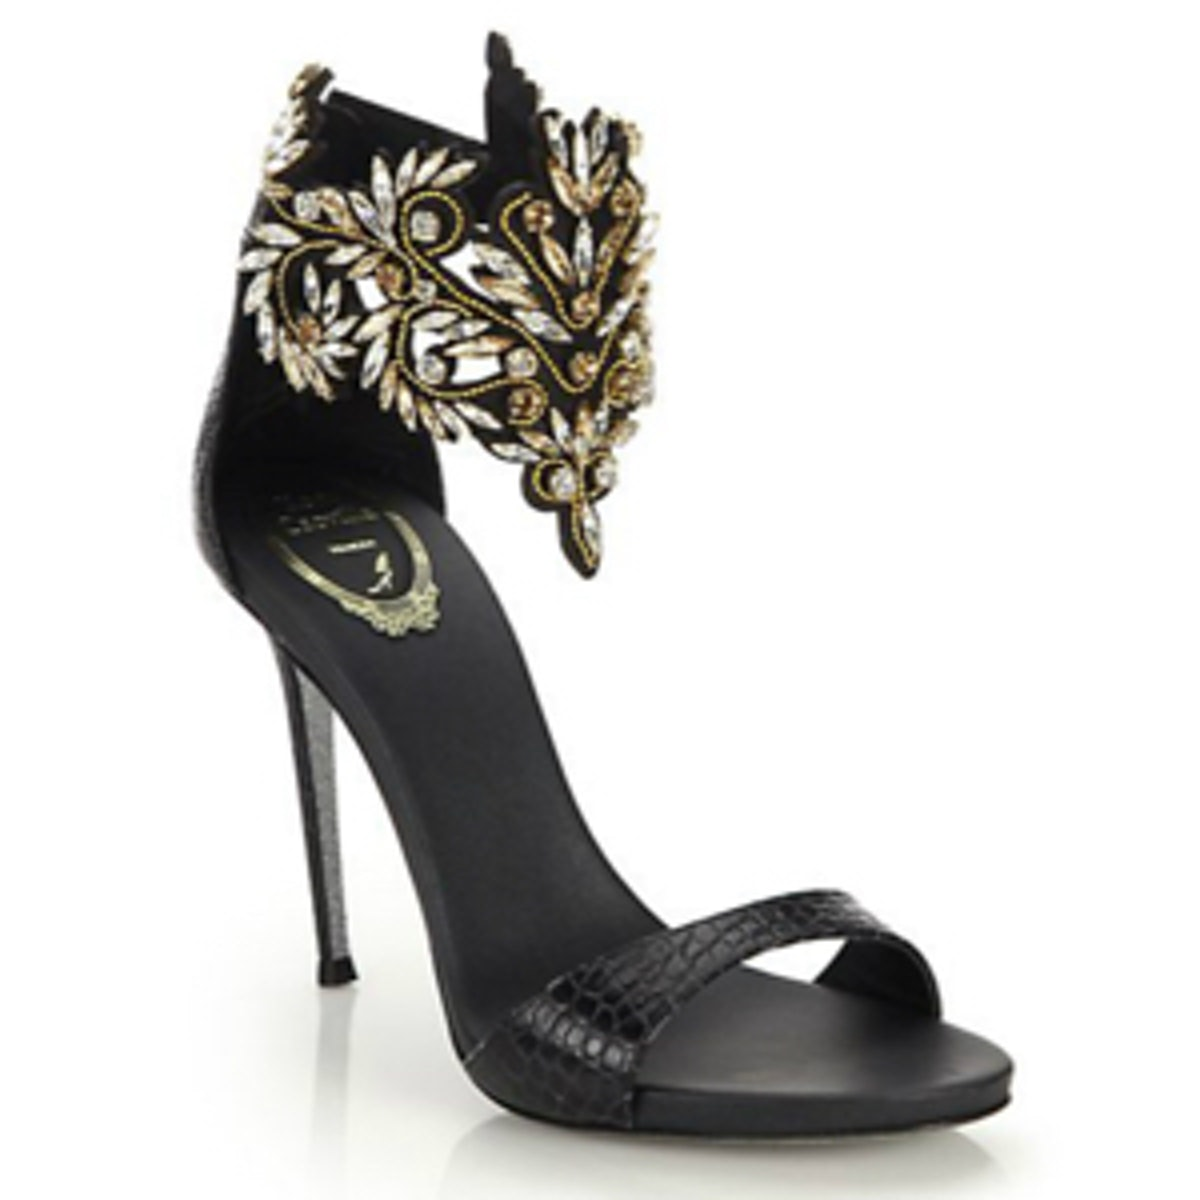 Crystal Snakeskin Sandals